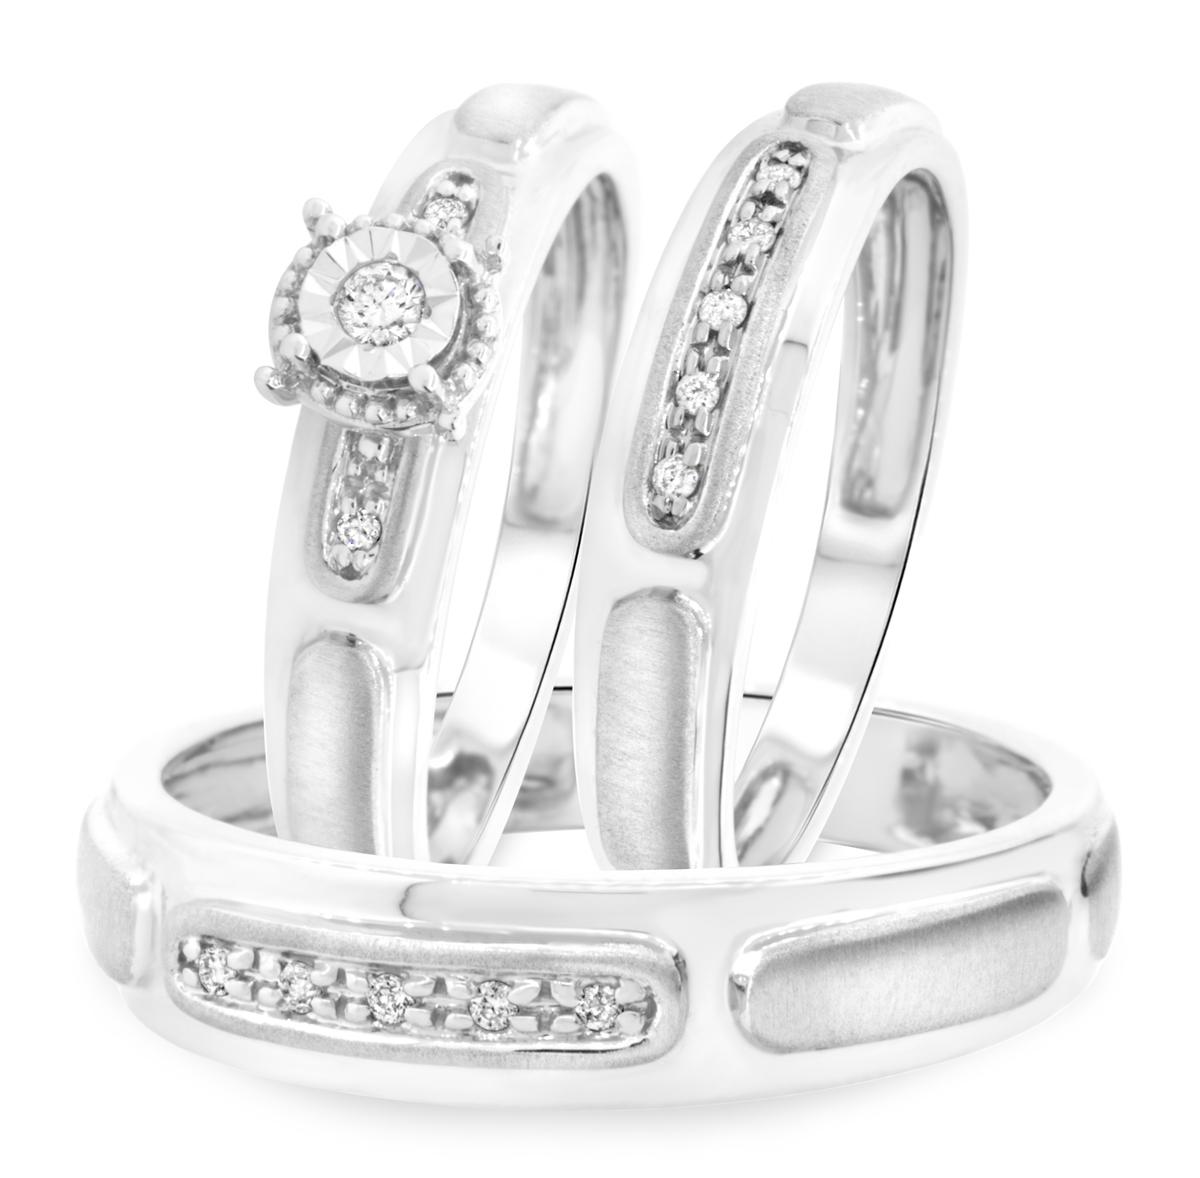 1/8 Carat T.W. Round Cut Diamond Matching Trio Wedding Ring Set 14K White Gold-